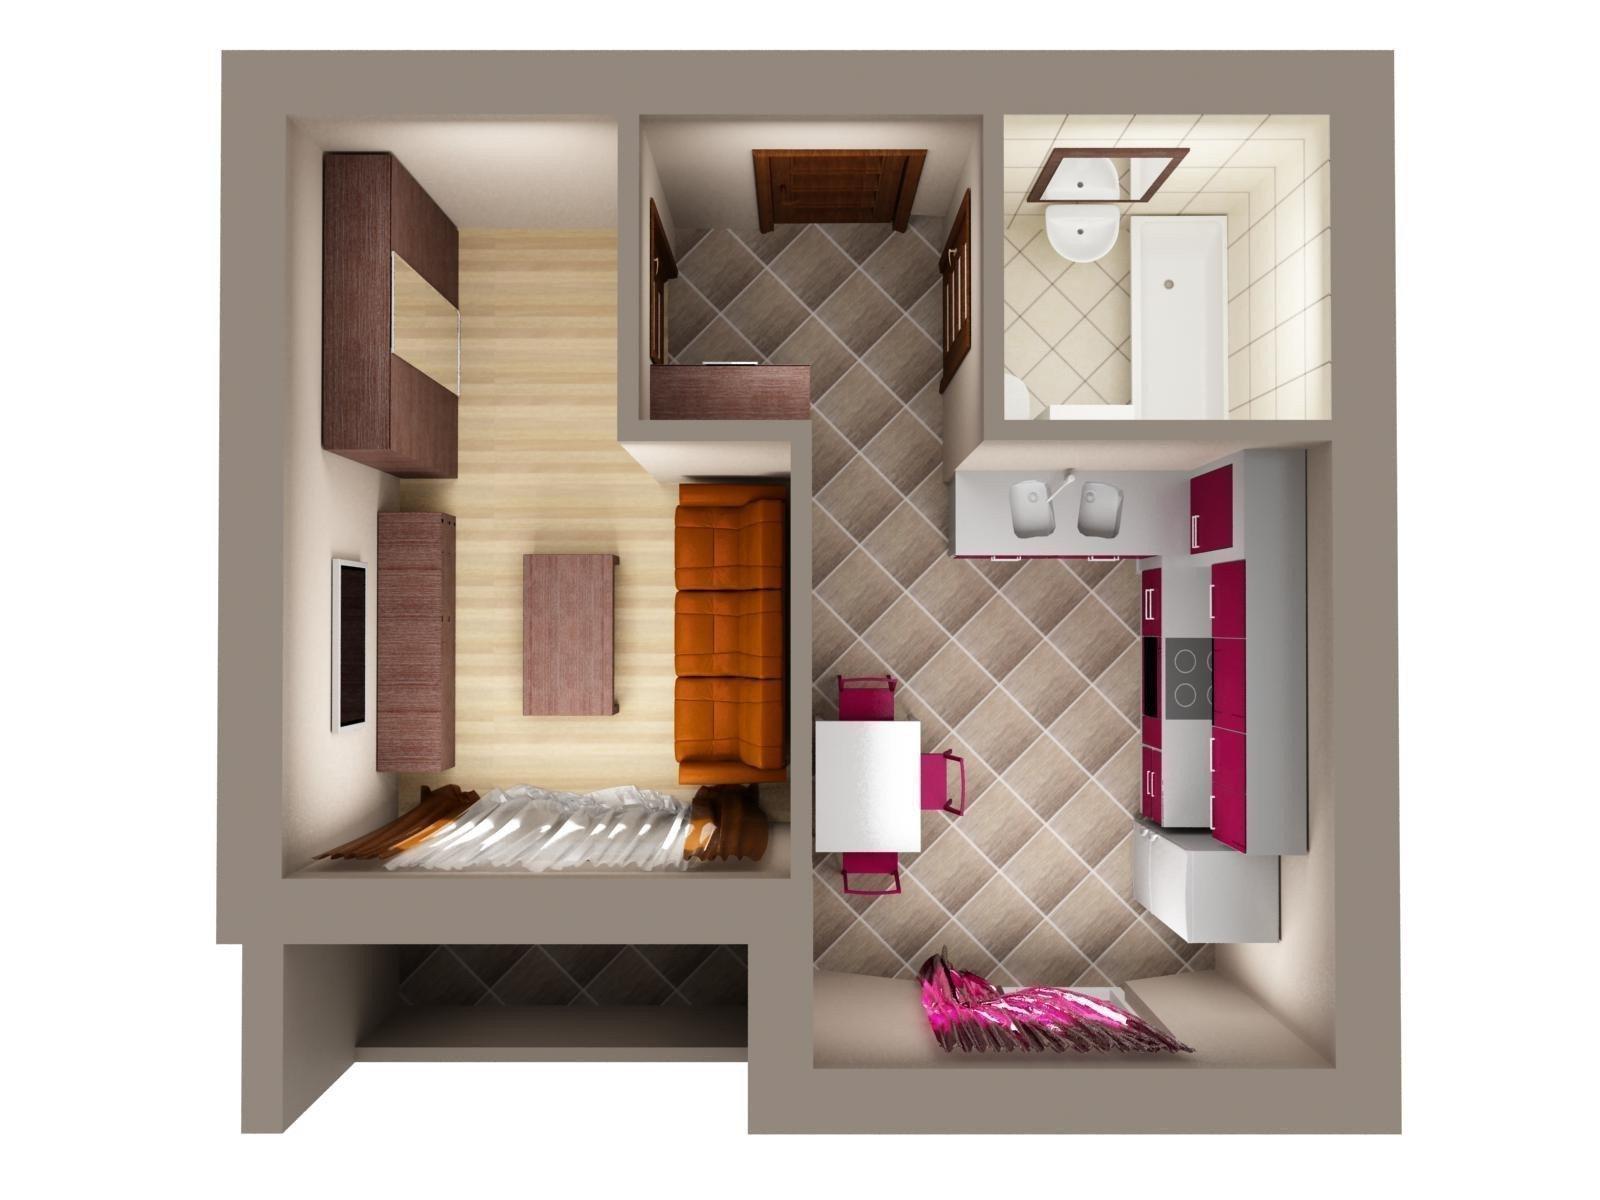 Продам квартиру в городе Ирпень. Объявление № 3385